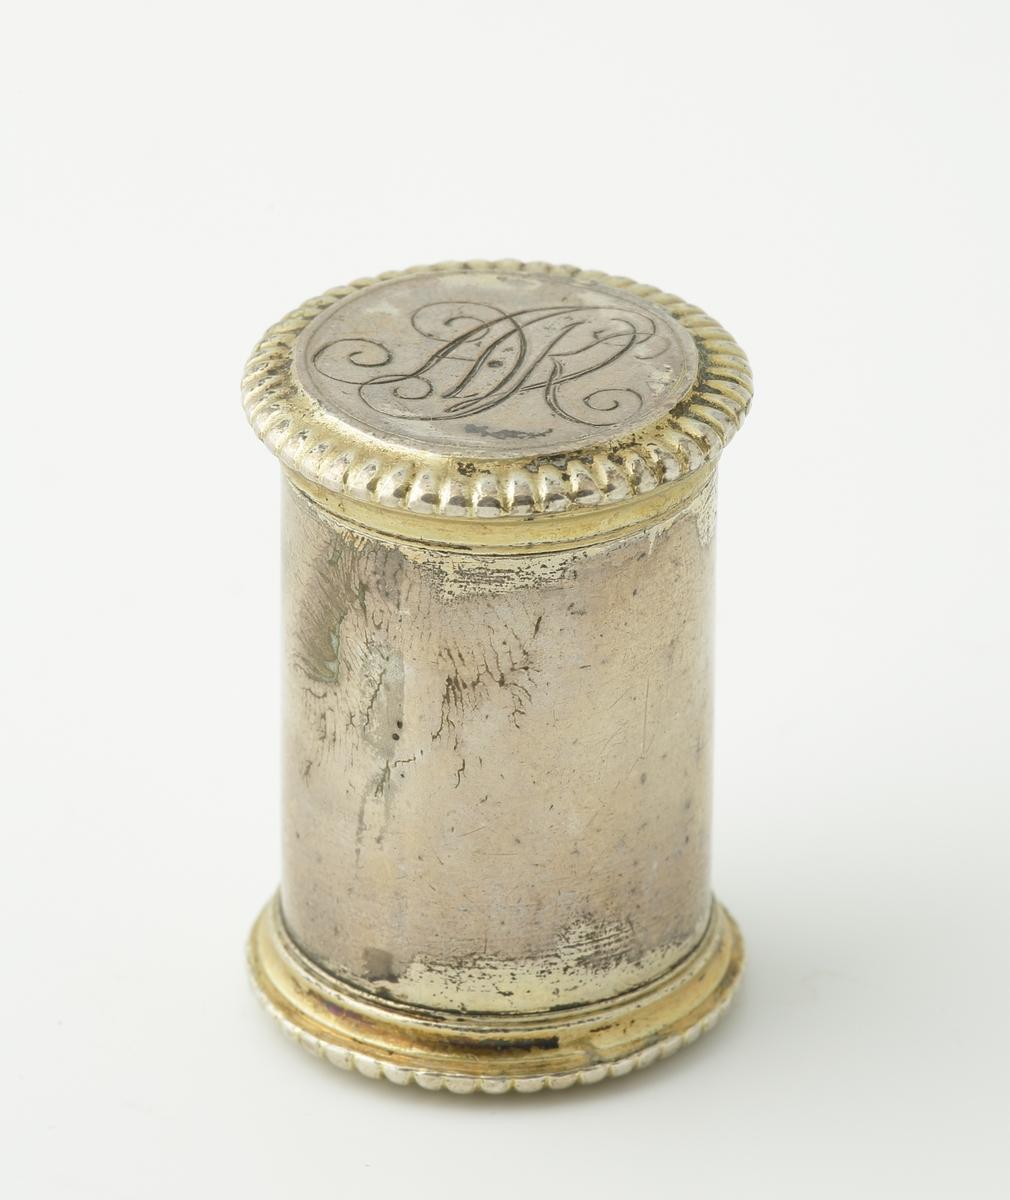 """Svampdosa med giftgömma (?), av silver. Cylindrisk modell bestående av två delar. I ena änden en svampdosa och i den andra en mindre giftgömma (?).  Dosan har räfflad dekor längs över- och nederkant. Delvis förgylld utsida. På locket graverat spegelmonogram: """"A.V.K."""" (?). I botten initialer: """"M.W., N.D."""". Invändigt förgylld. Saknar stämplar."""